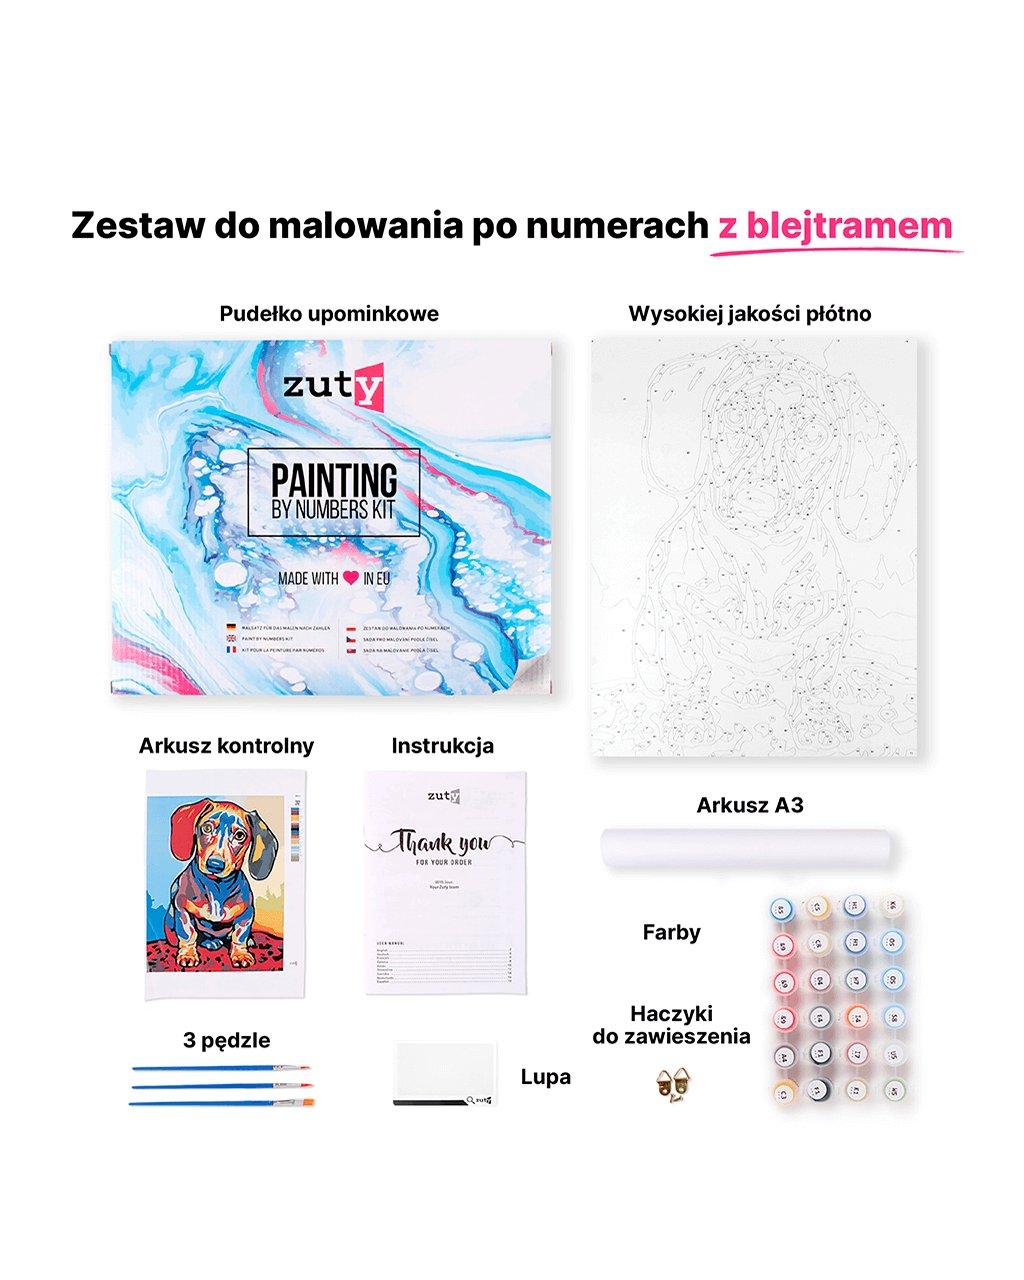 Malowanie po numerach – Fajerwerki nad wieżą Eiffela